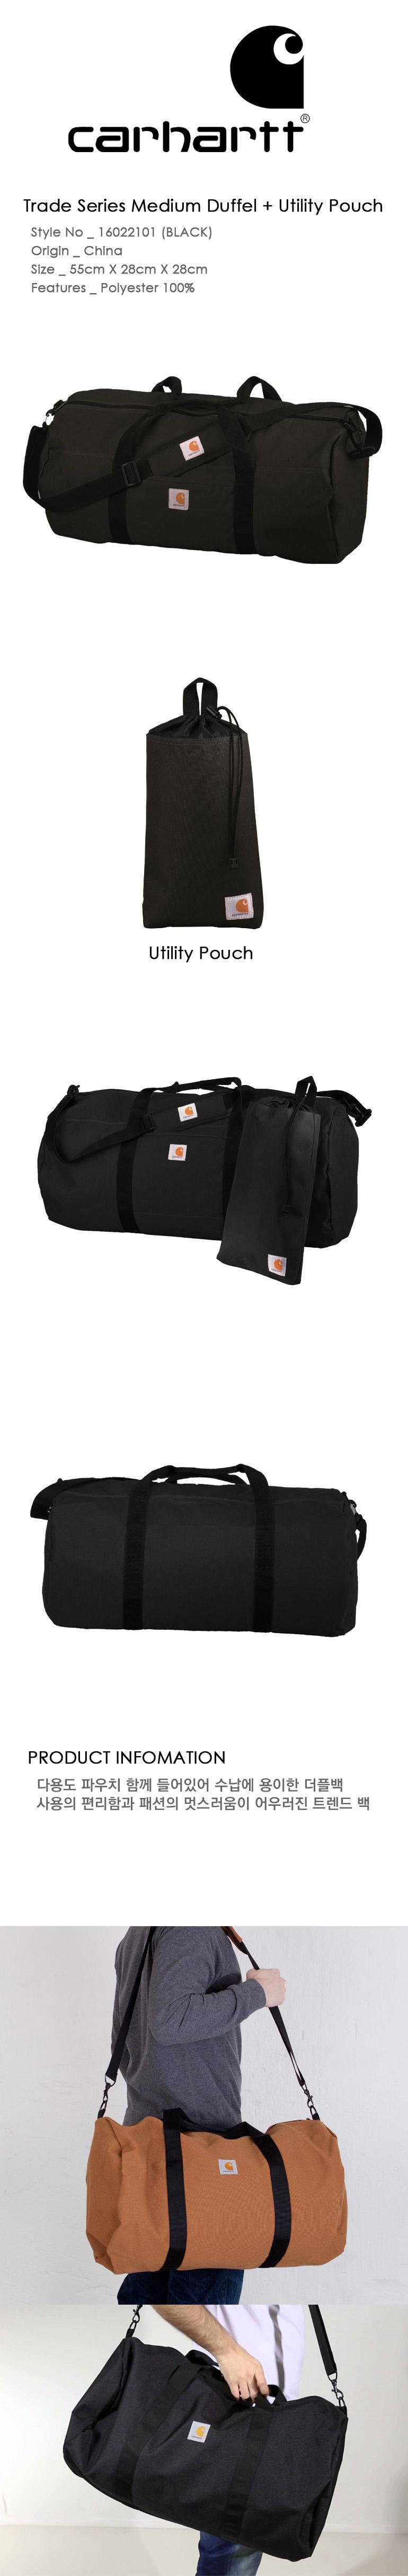 칼하트(CARHARTT) 칼하트 트레이드 시리즈 더플백 + 유틸리티 파우치 / 16022101